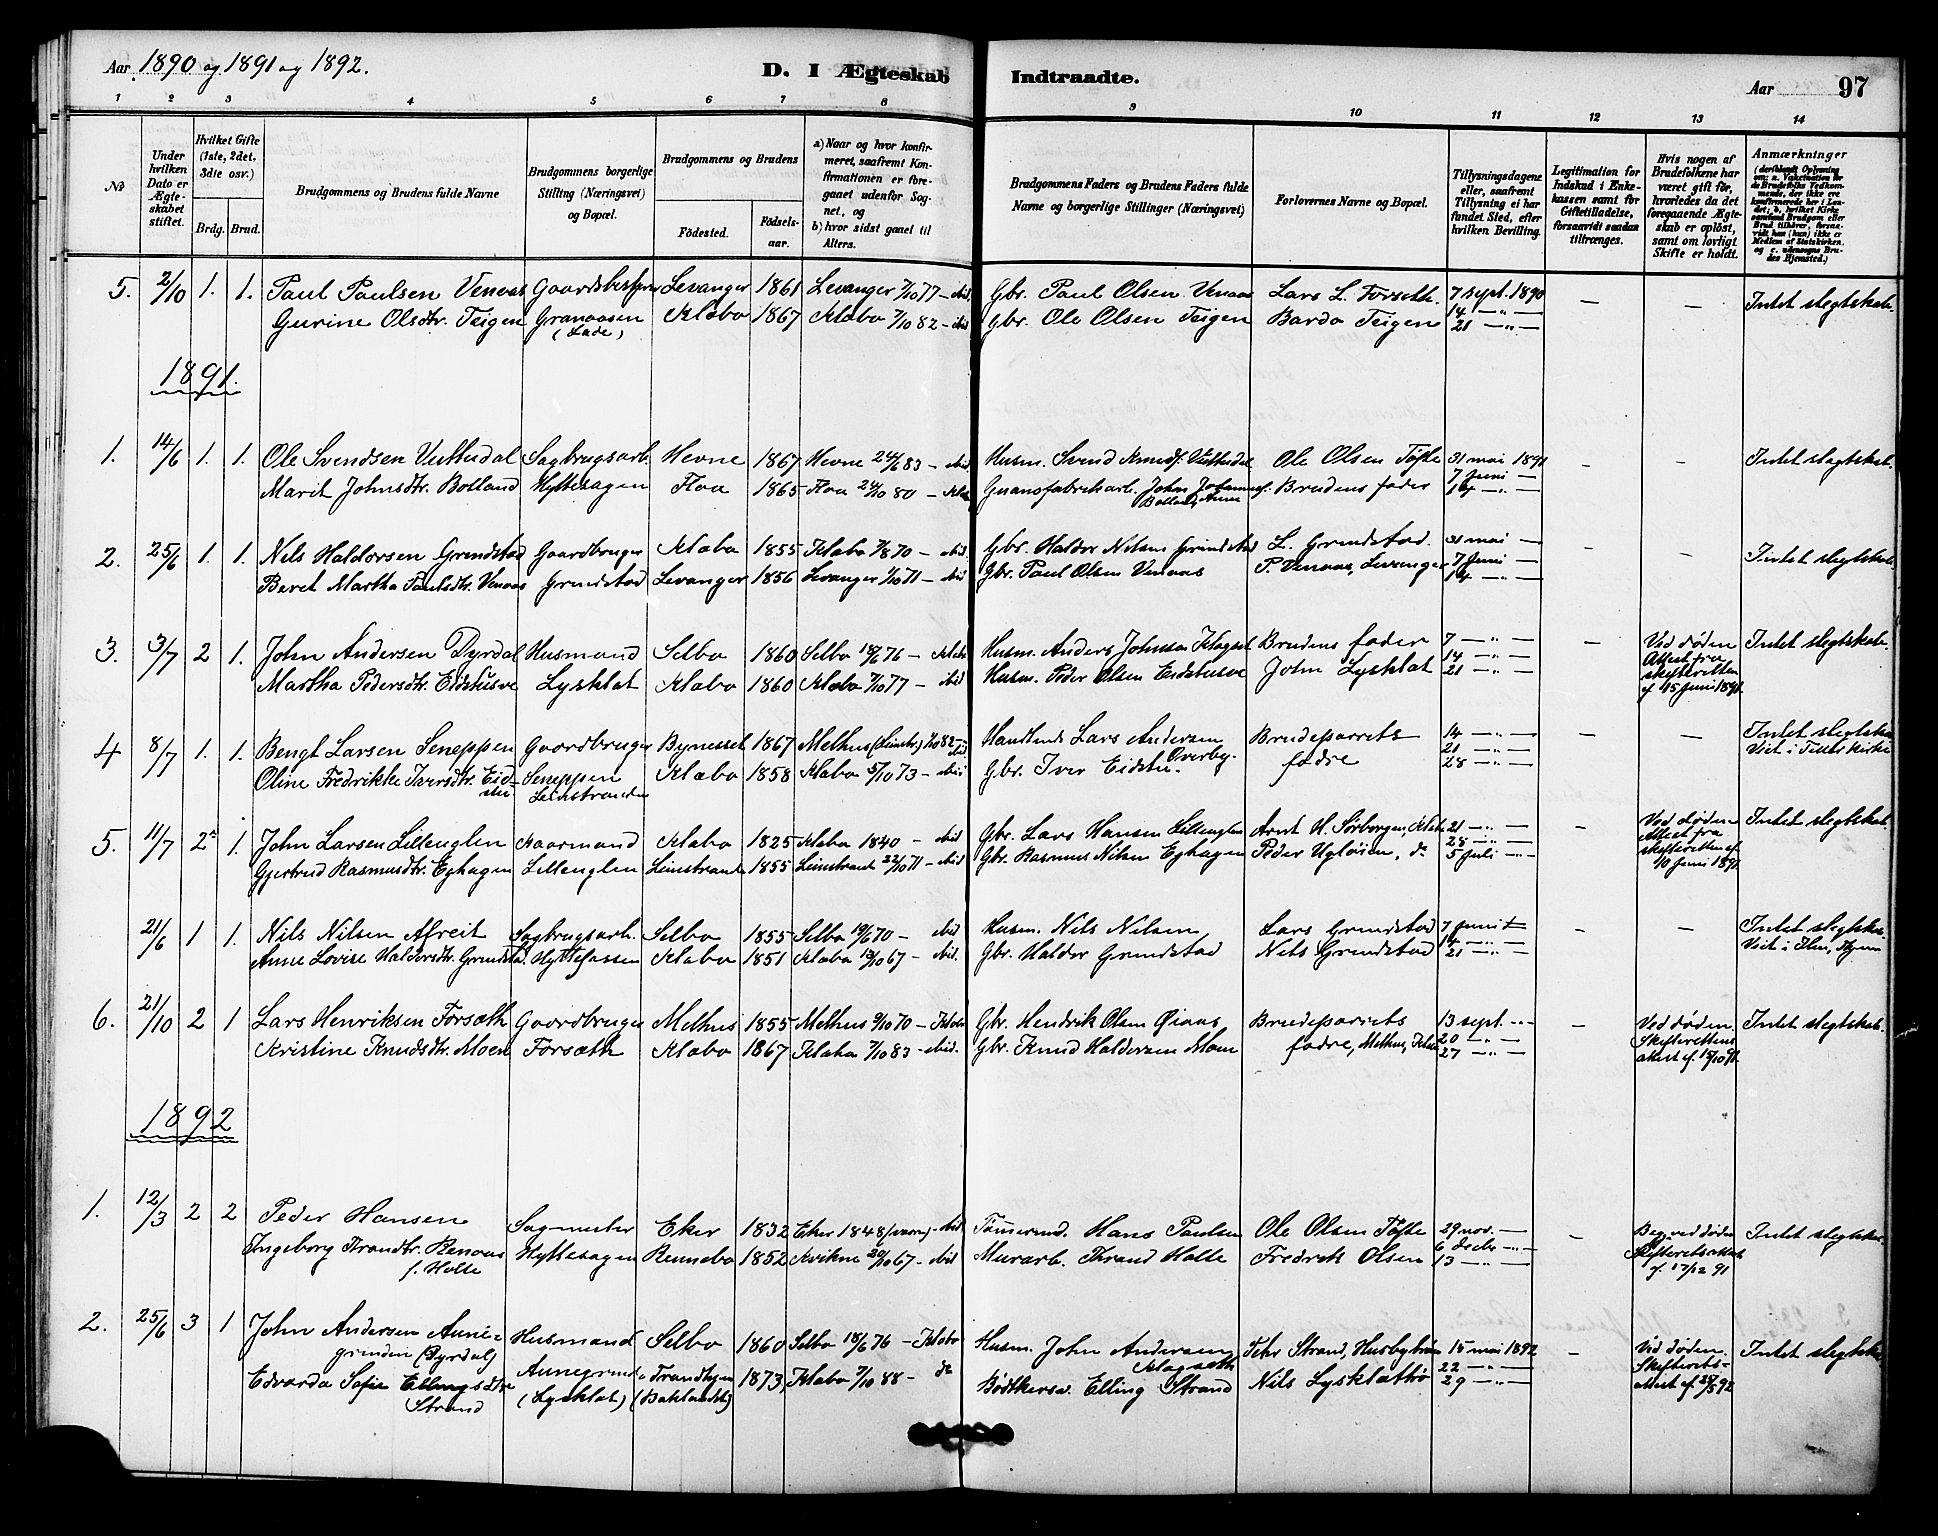 SAT, Ministerialprotokoller, klokkerbøker og fødselsregistre - Sør-Trøndelag, 618/L0444: Ministerialbok nr. 618A07, 1880-1898, s. 97